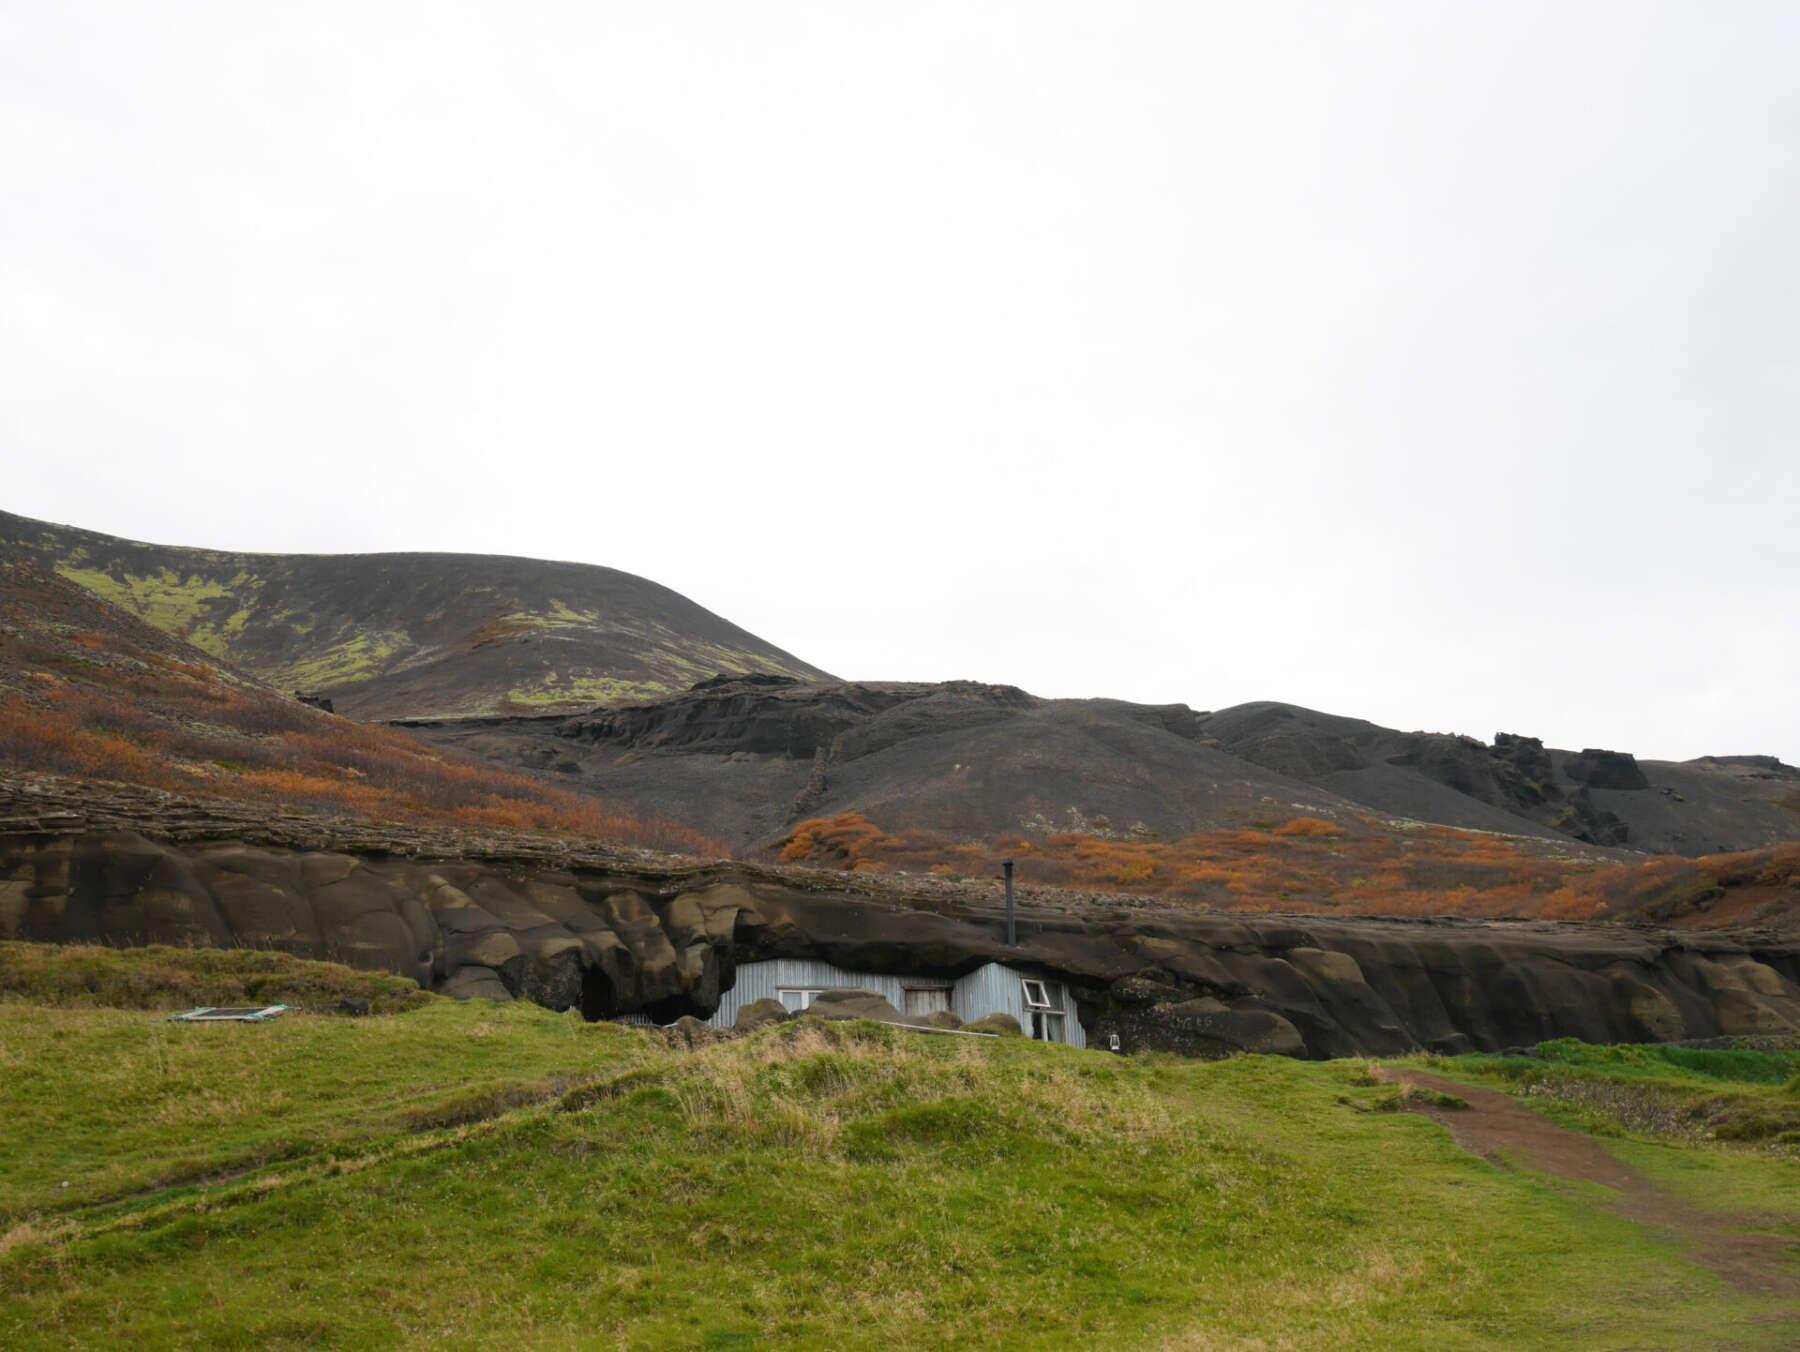 คาเฟ่ถ้ำในไอซ์แลนด์ (The Cave People)